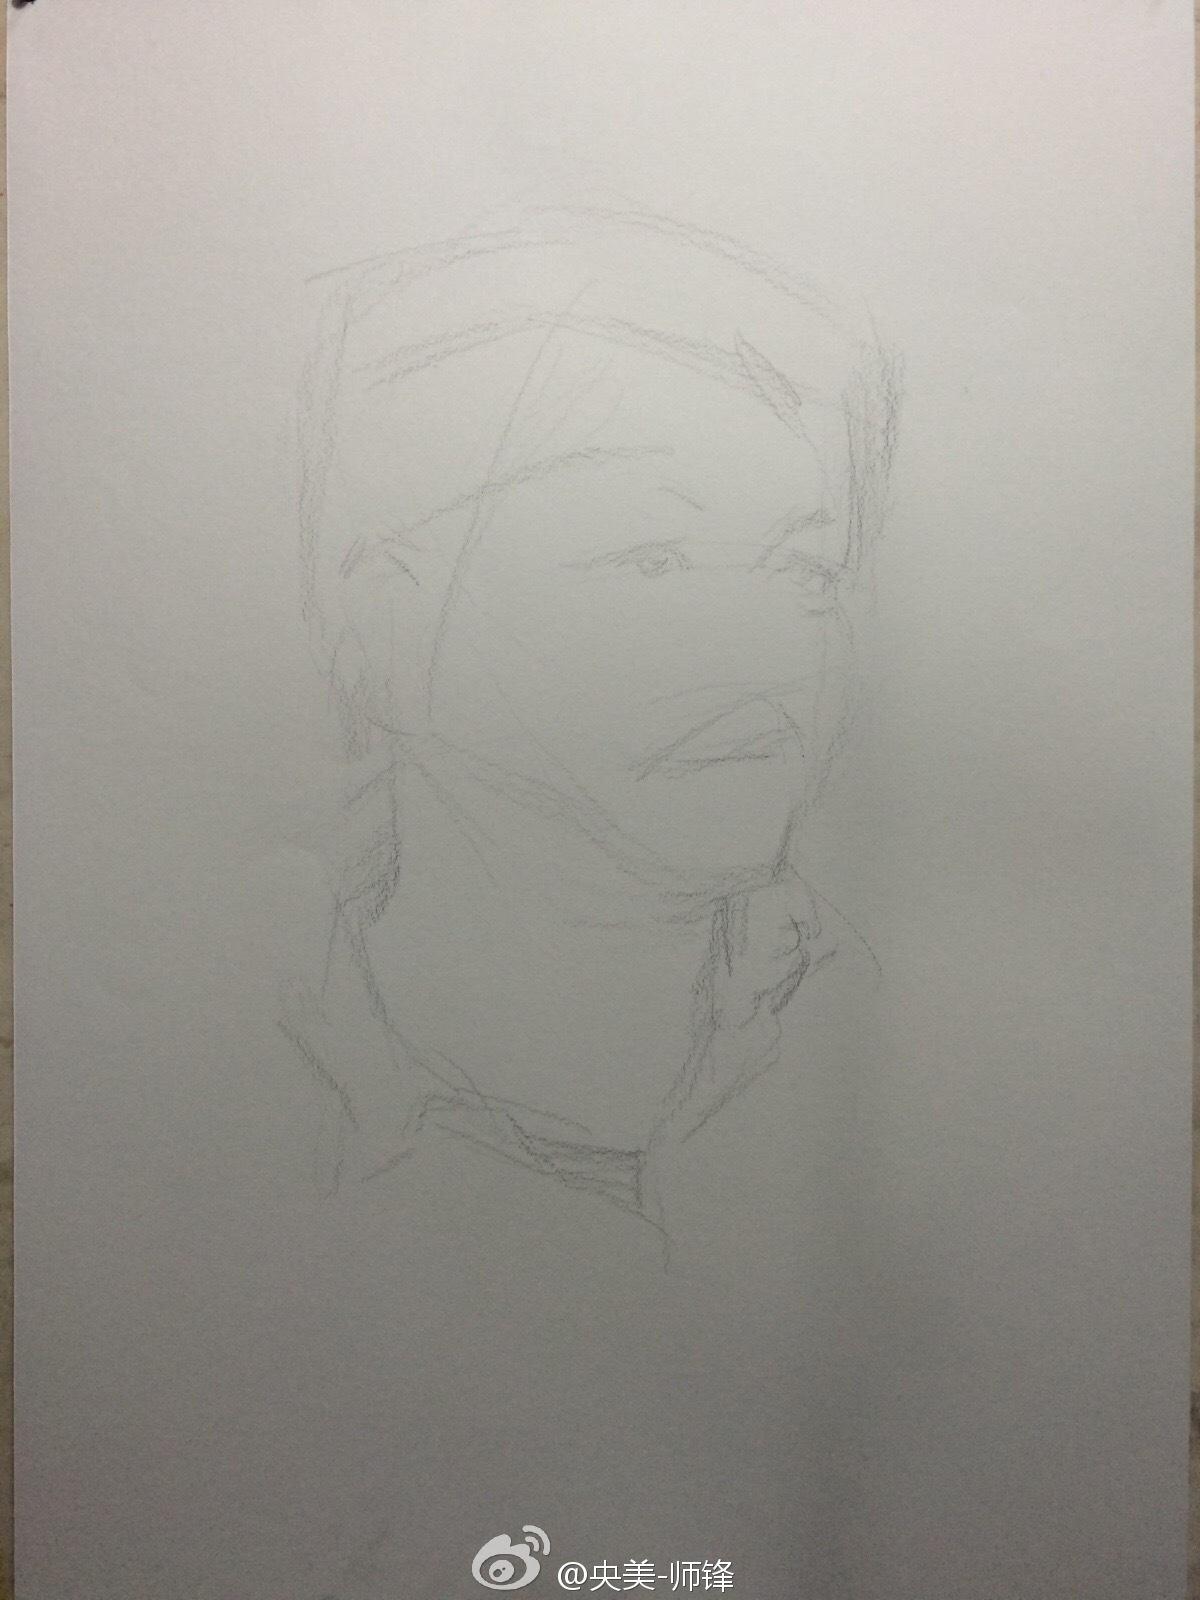 央美师锋中年男子素描头像作画步骤(1)